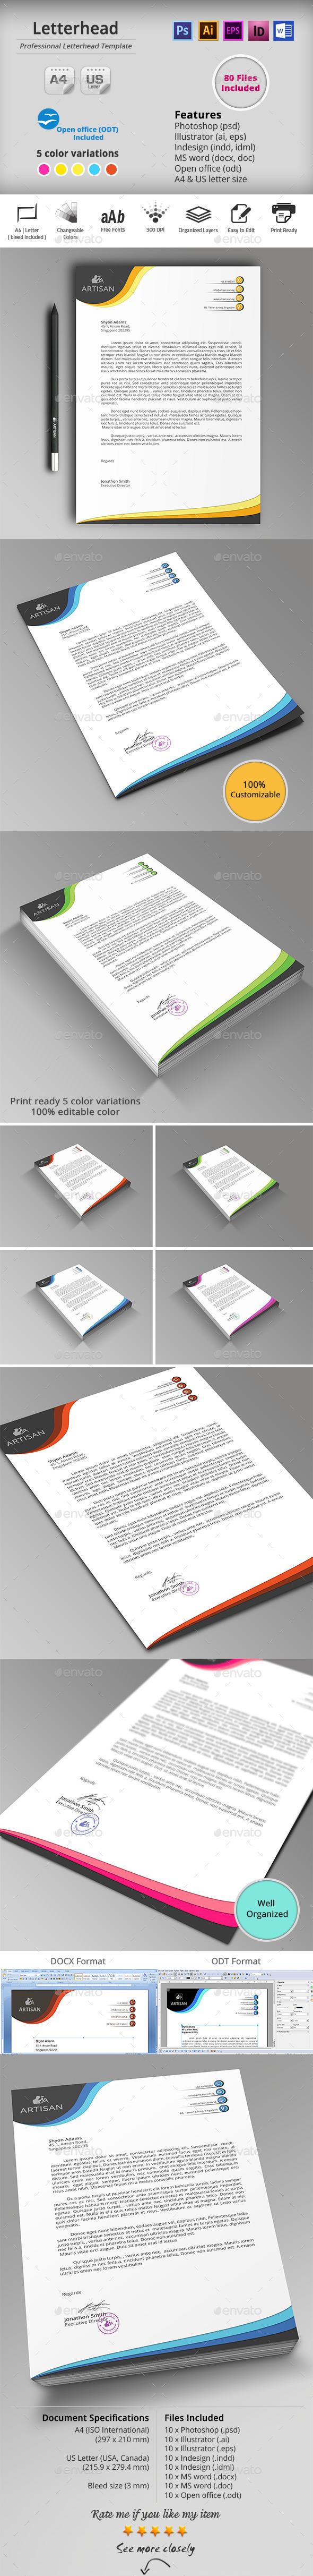 GraphicRiver Letterhead 10186961